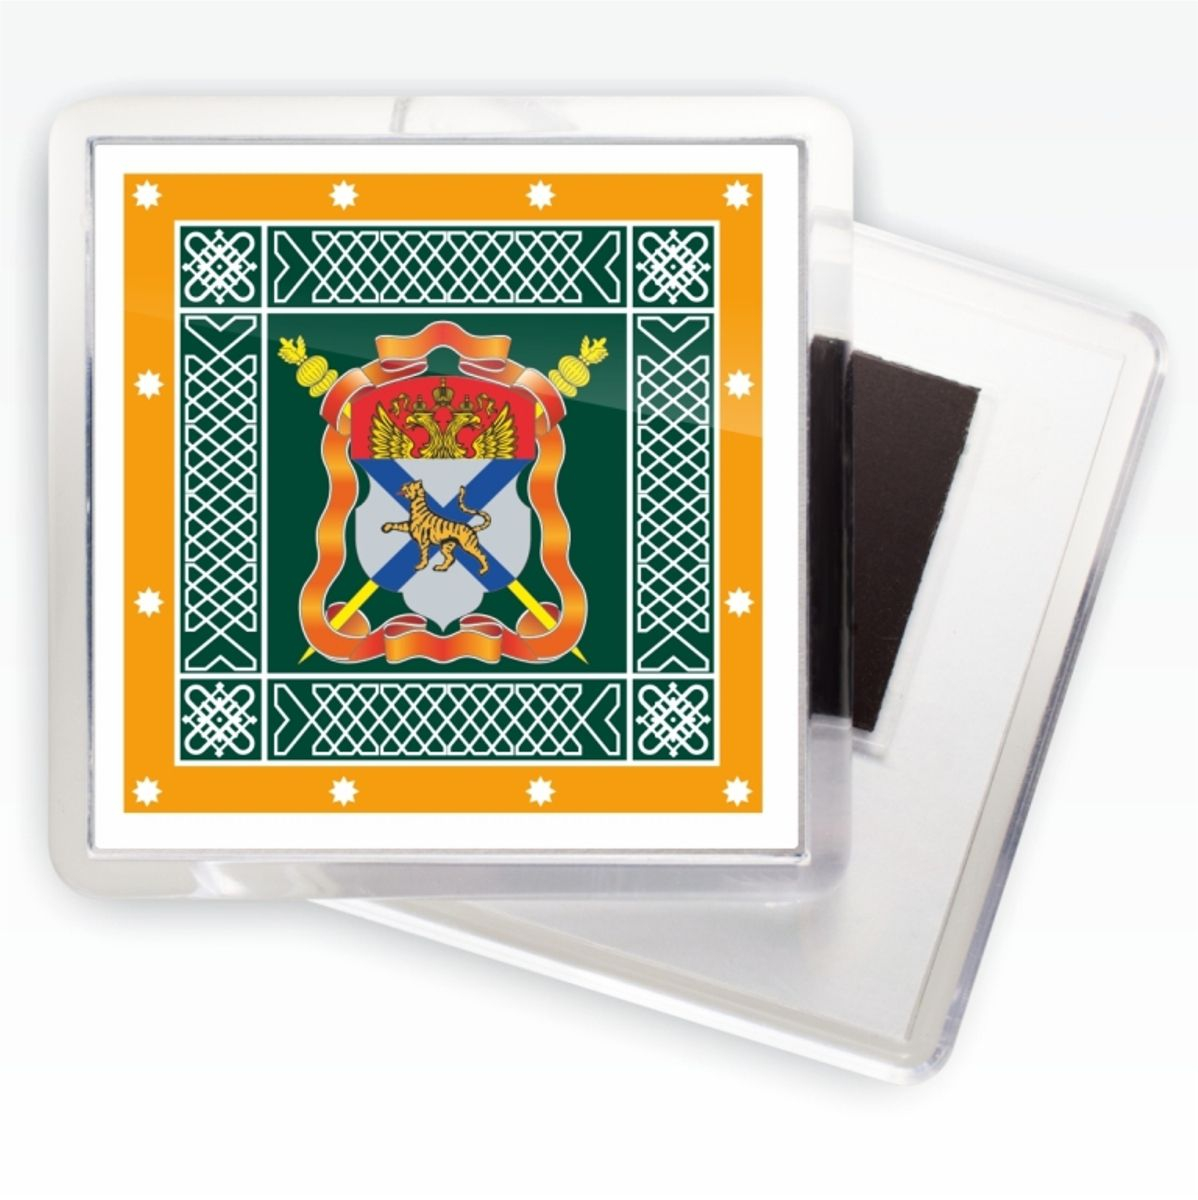 Магнитик «Уссурийское казачье войско» знамя